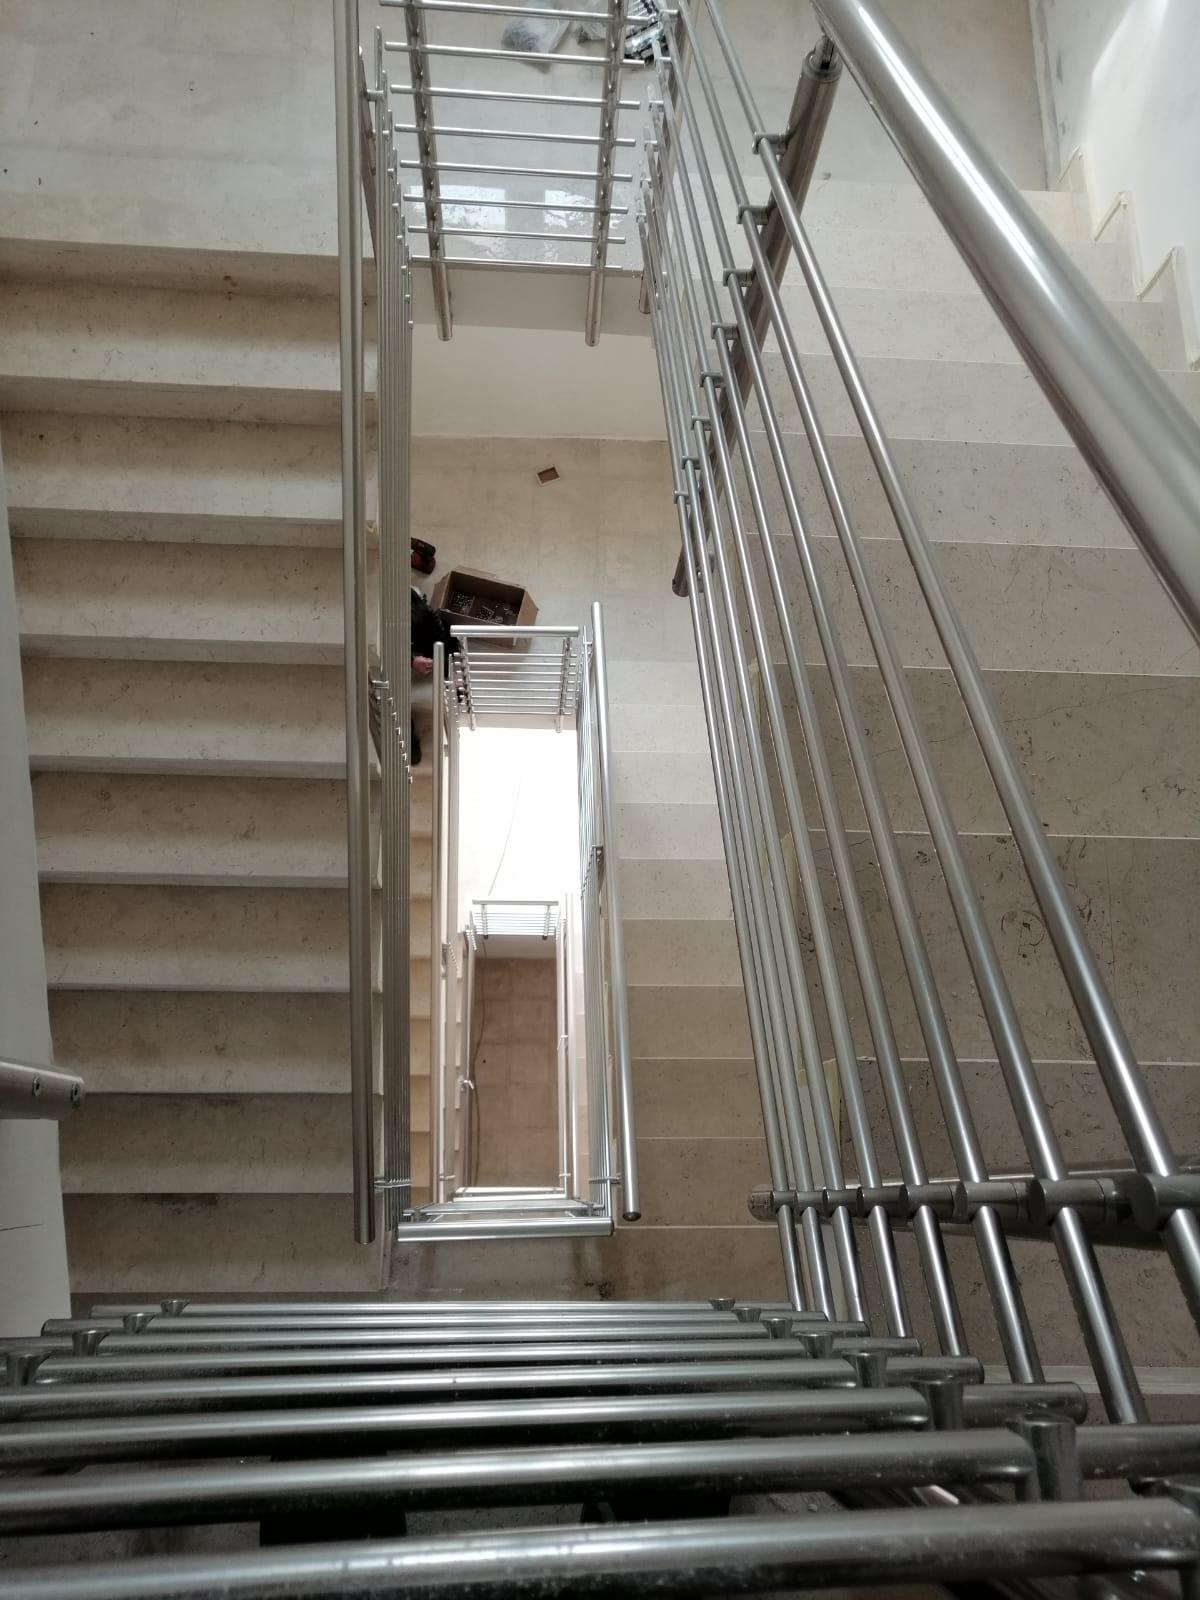 Ringhiera per scale interne condominio - Bari, Brindisi e in Puglia. - 3